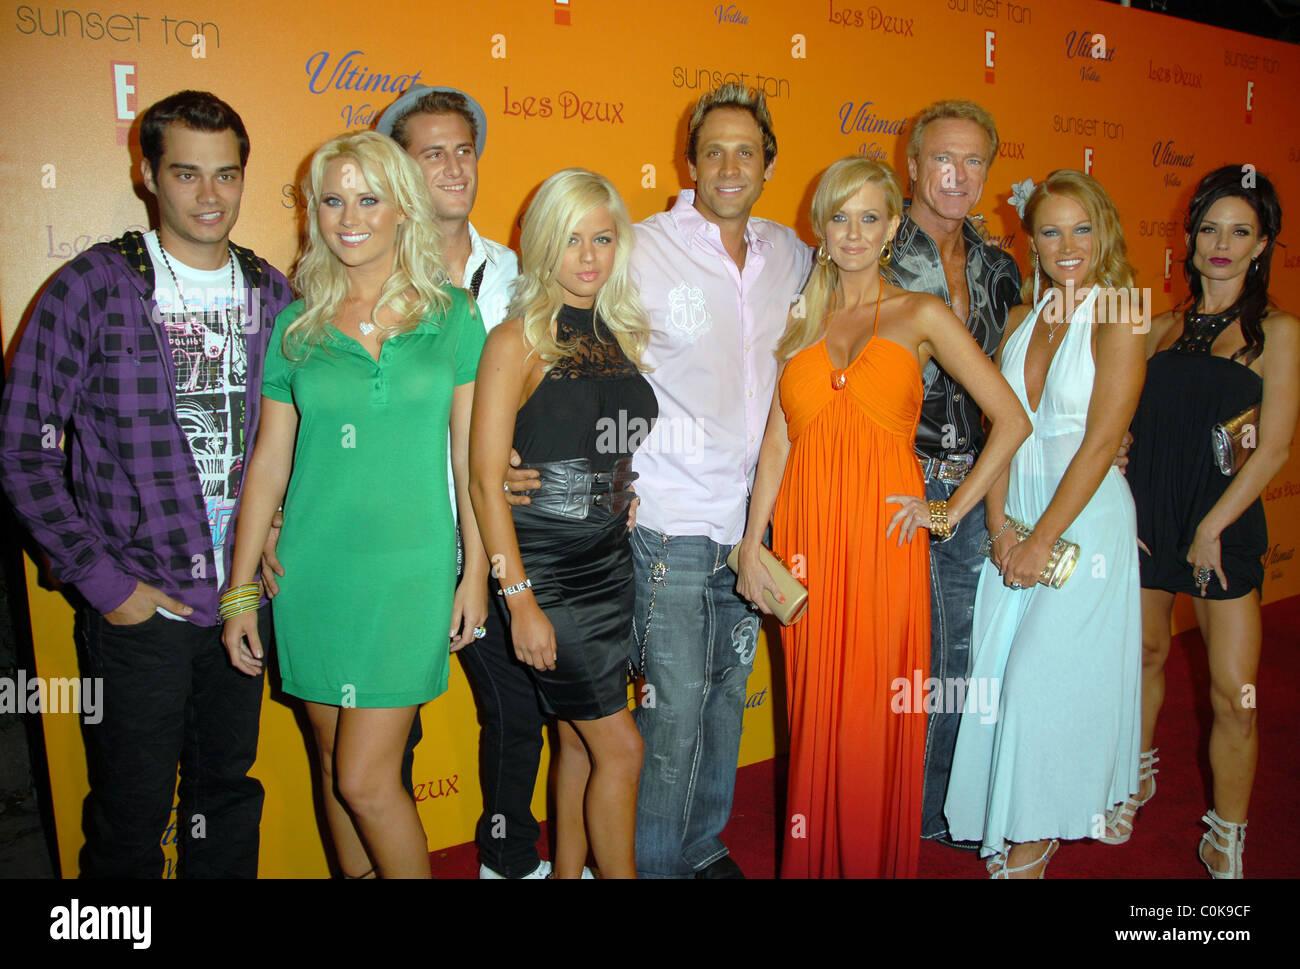 Ночной актерский клуб сюрприз в ночном клубе